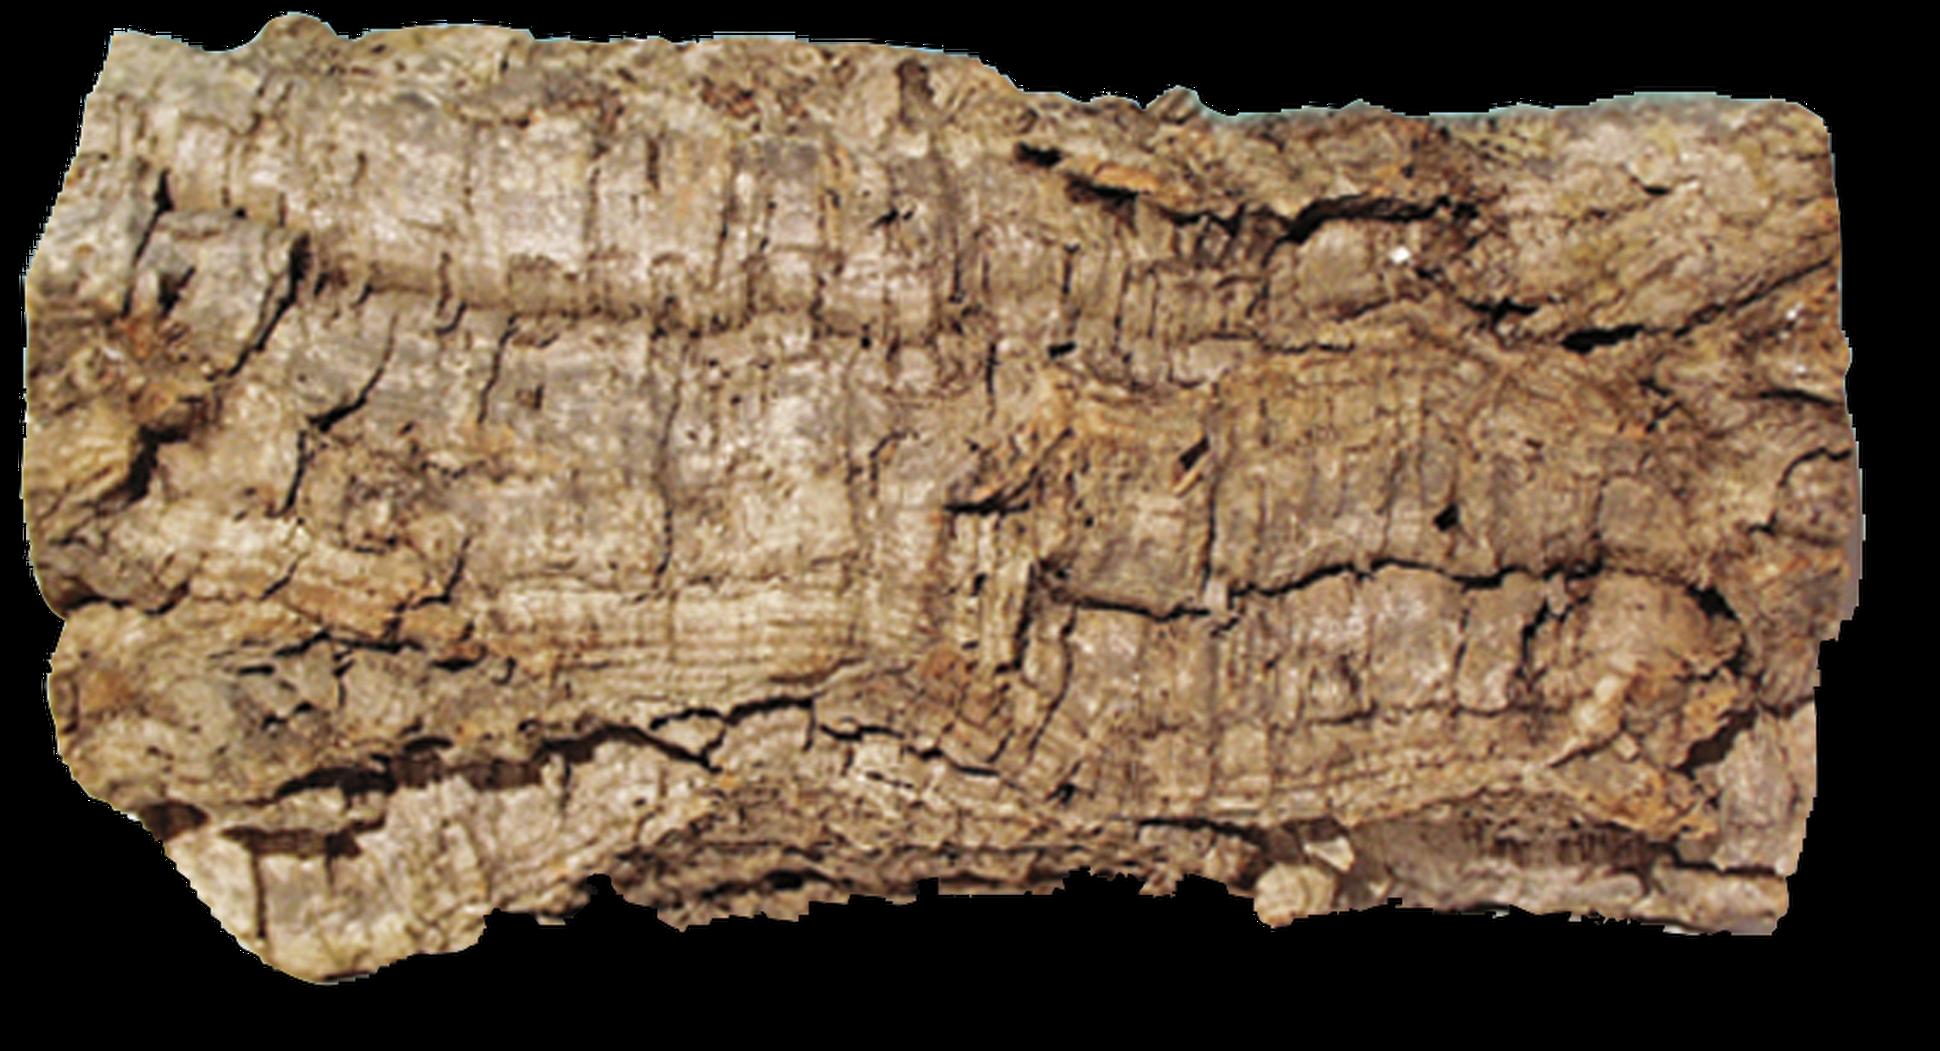 картинка кора деревьев на прозрачном фоне вырученные